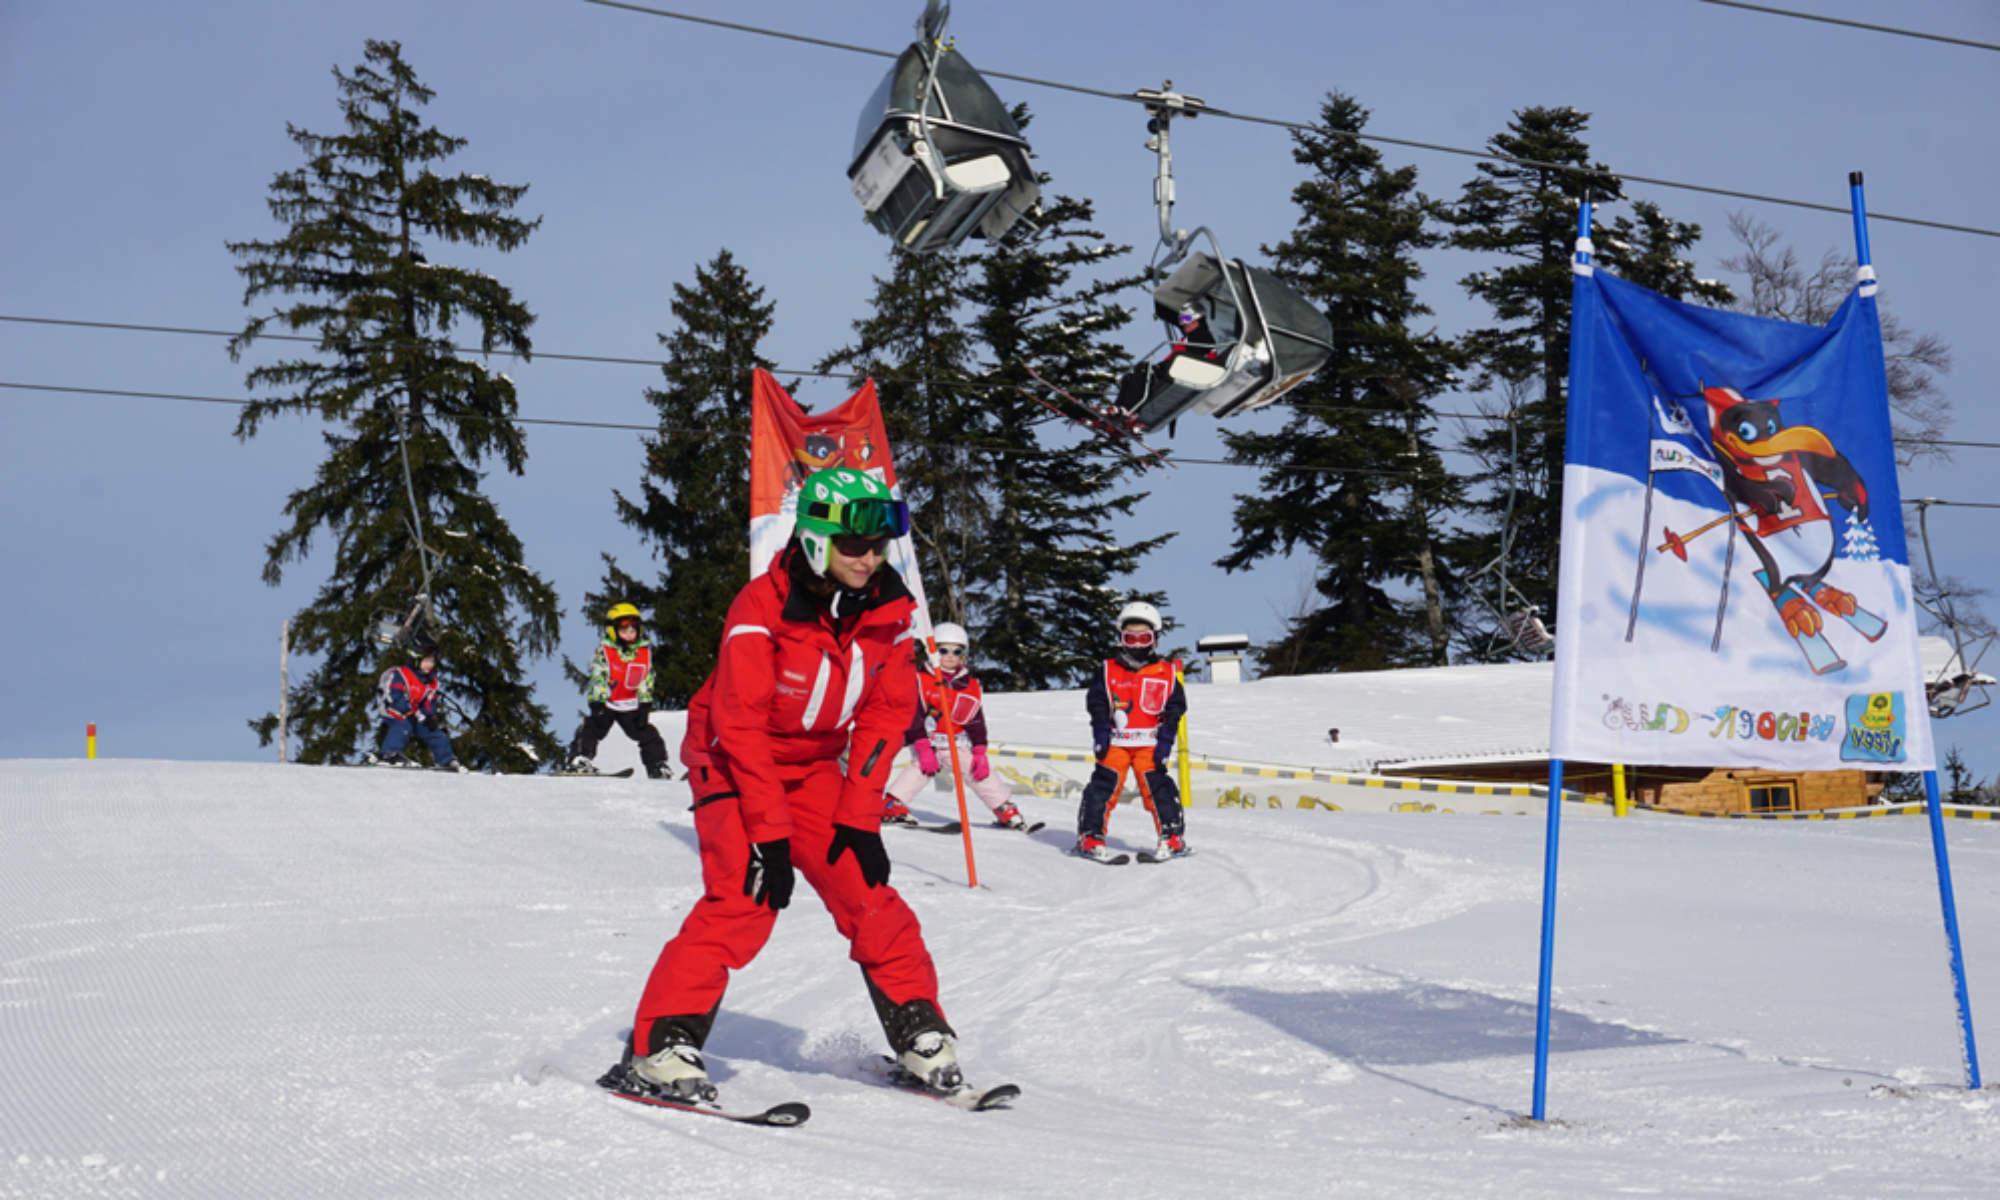 Eine Skilehrerin bringt Kindern im Kinderland das Kurvenfahren im Pflug bei.